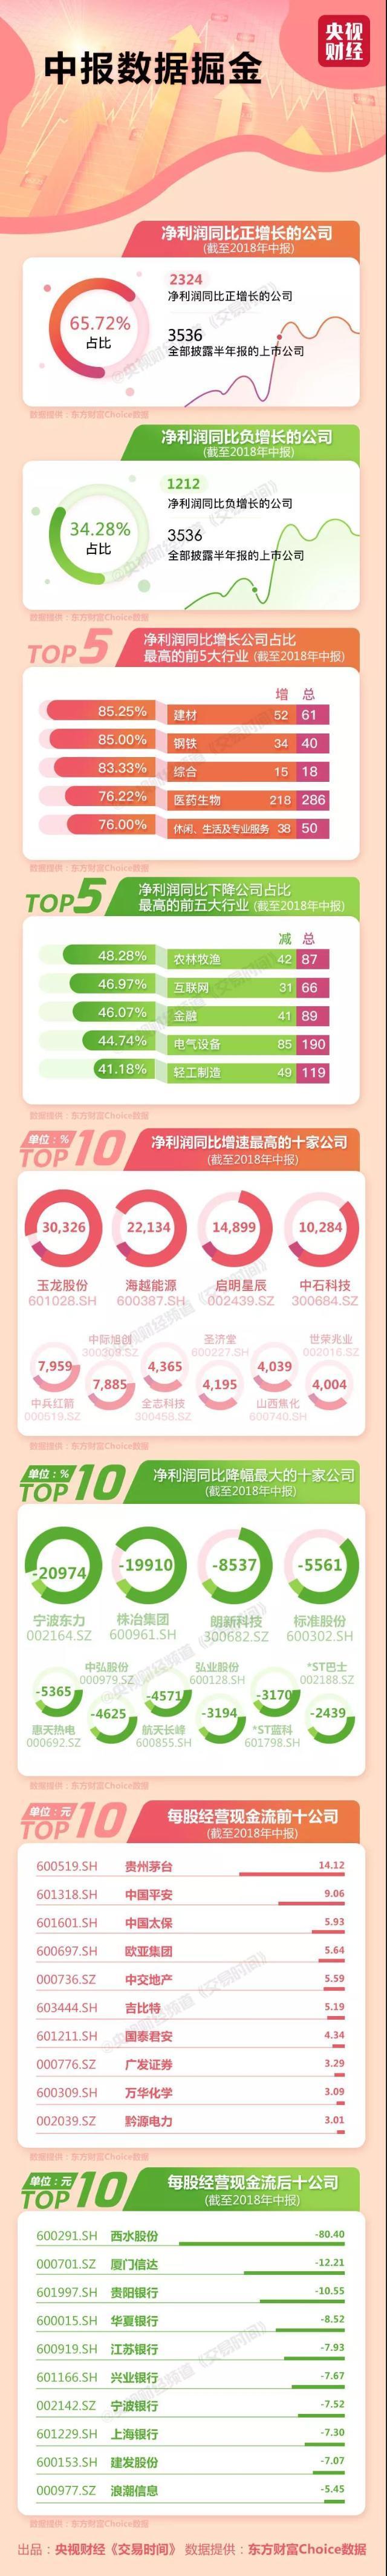 独家!A股中报上市公司TOP10出炉:最赚钱的是它!日赚近9亿元